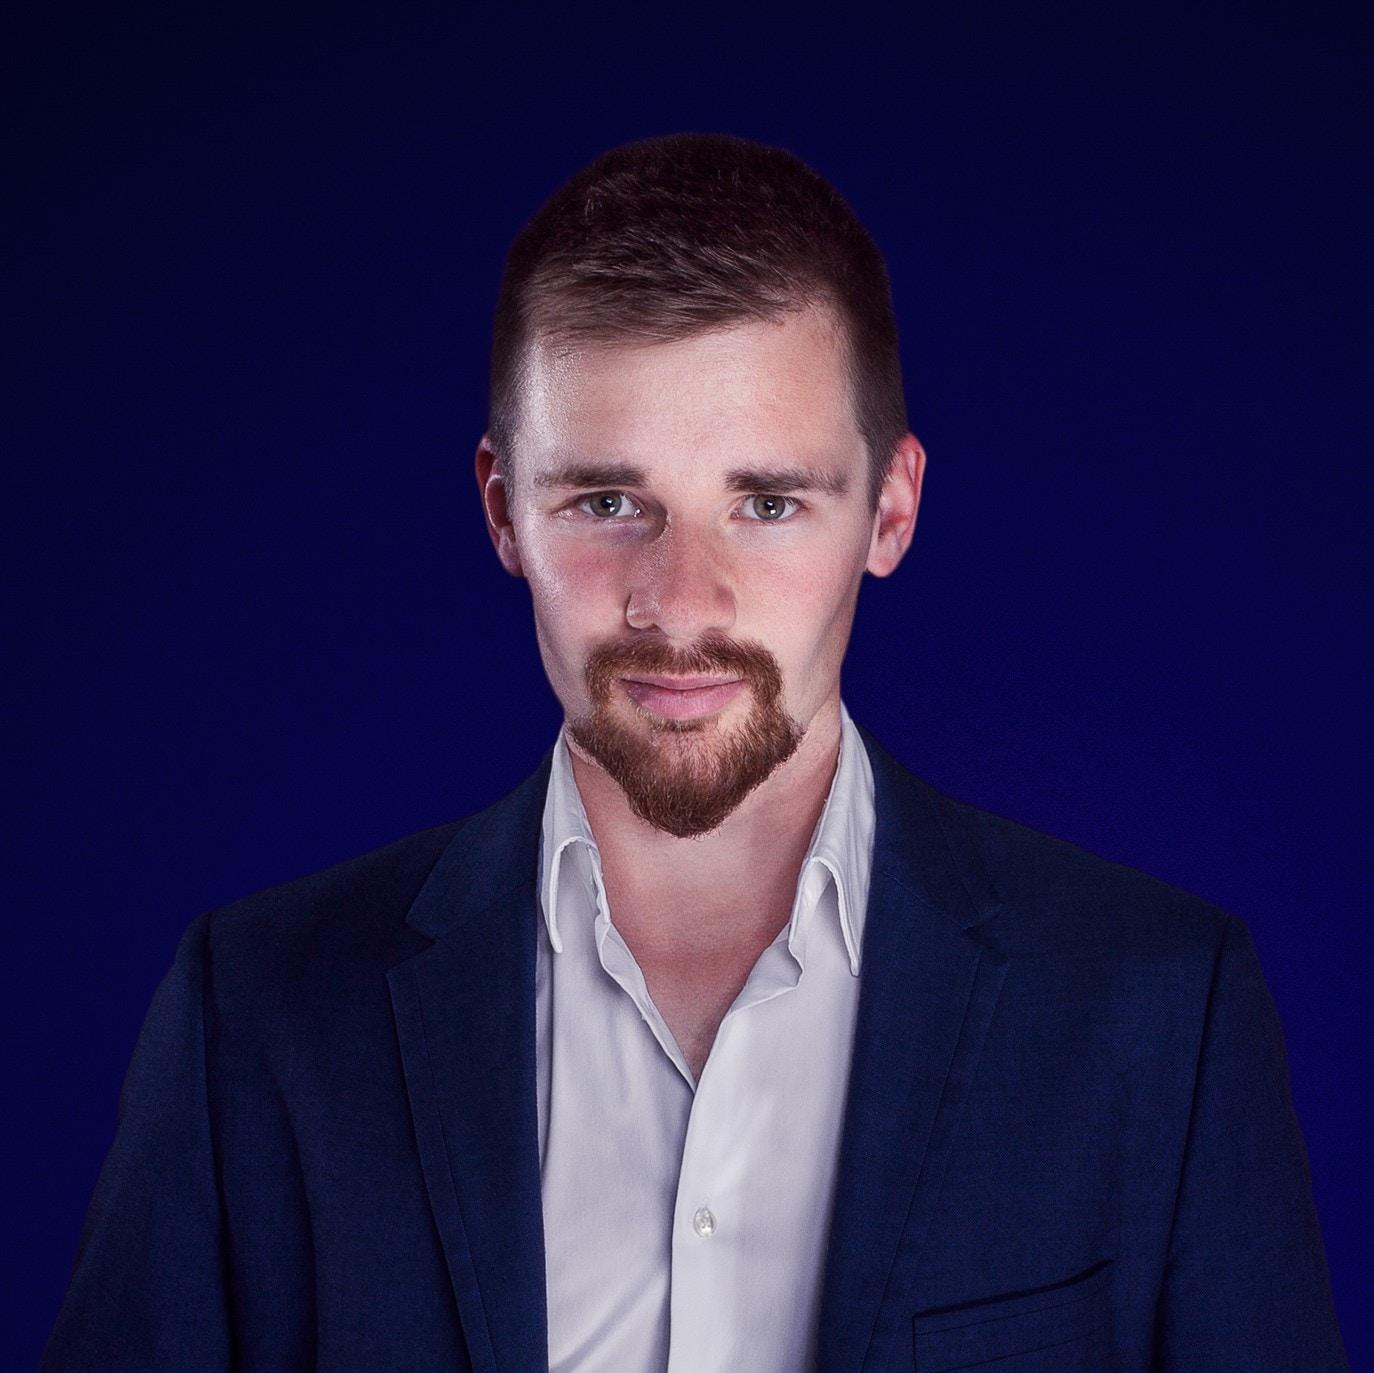 Go to Tobias Mrzyk's profile